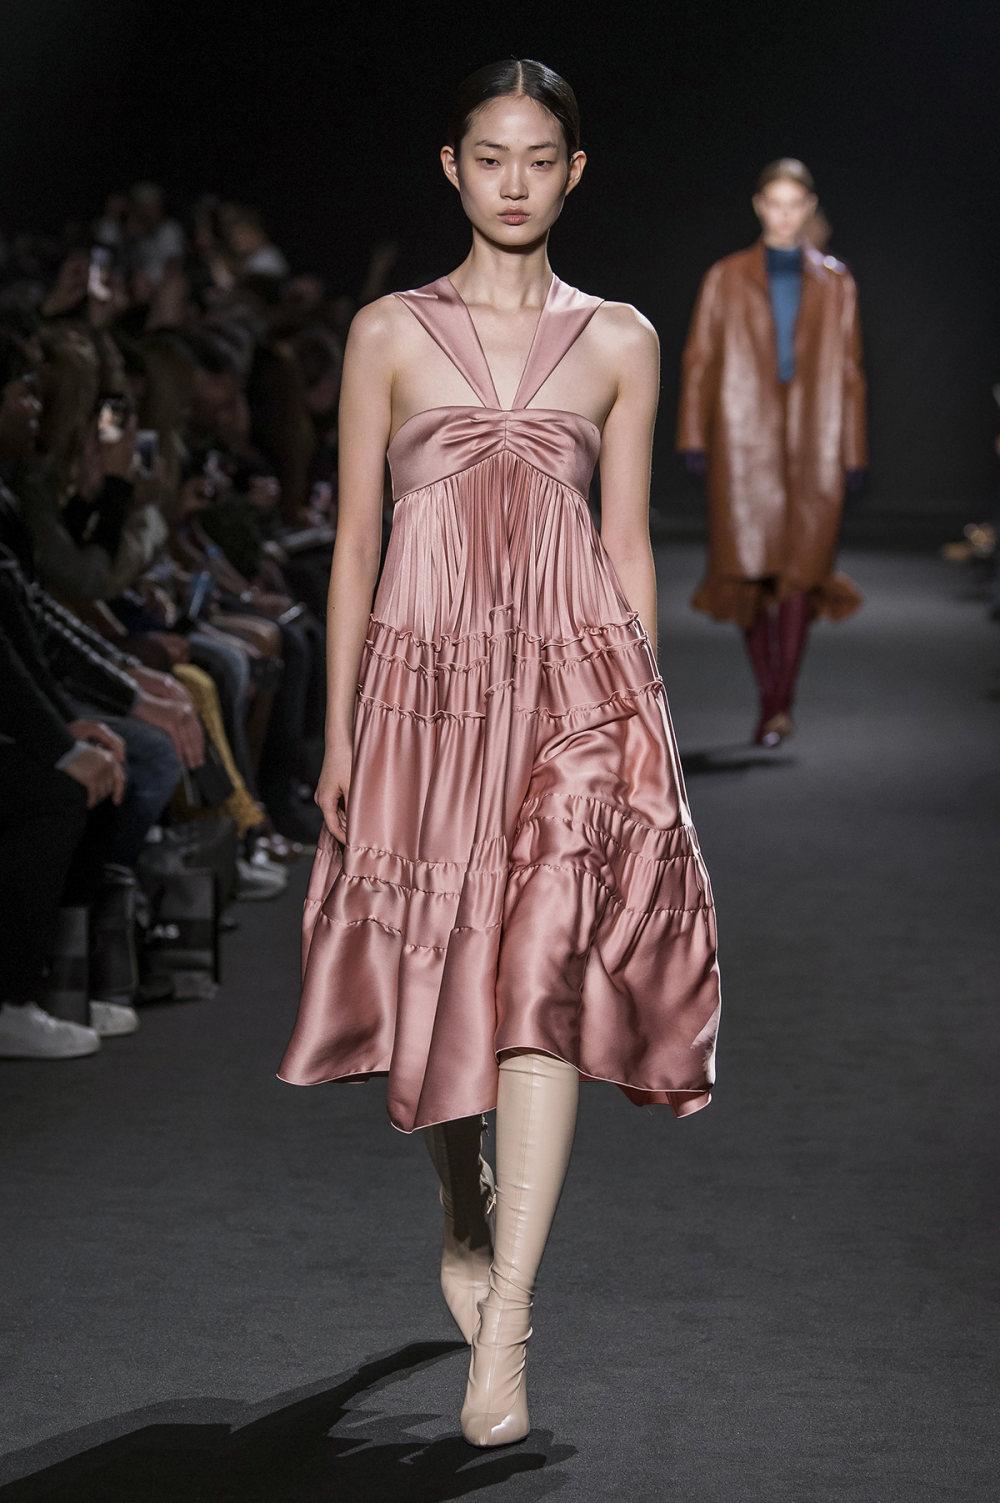 Rochas时装系列黑色无领斜纹软呢褶皱的黑色裙身饰有超细短袖衬衫-26.jpg